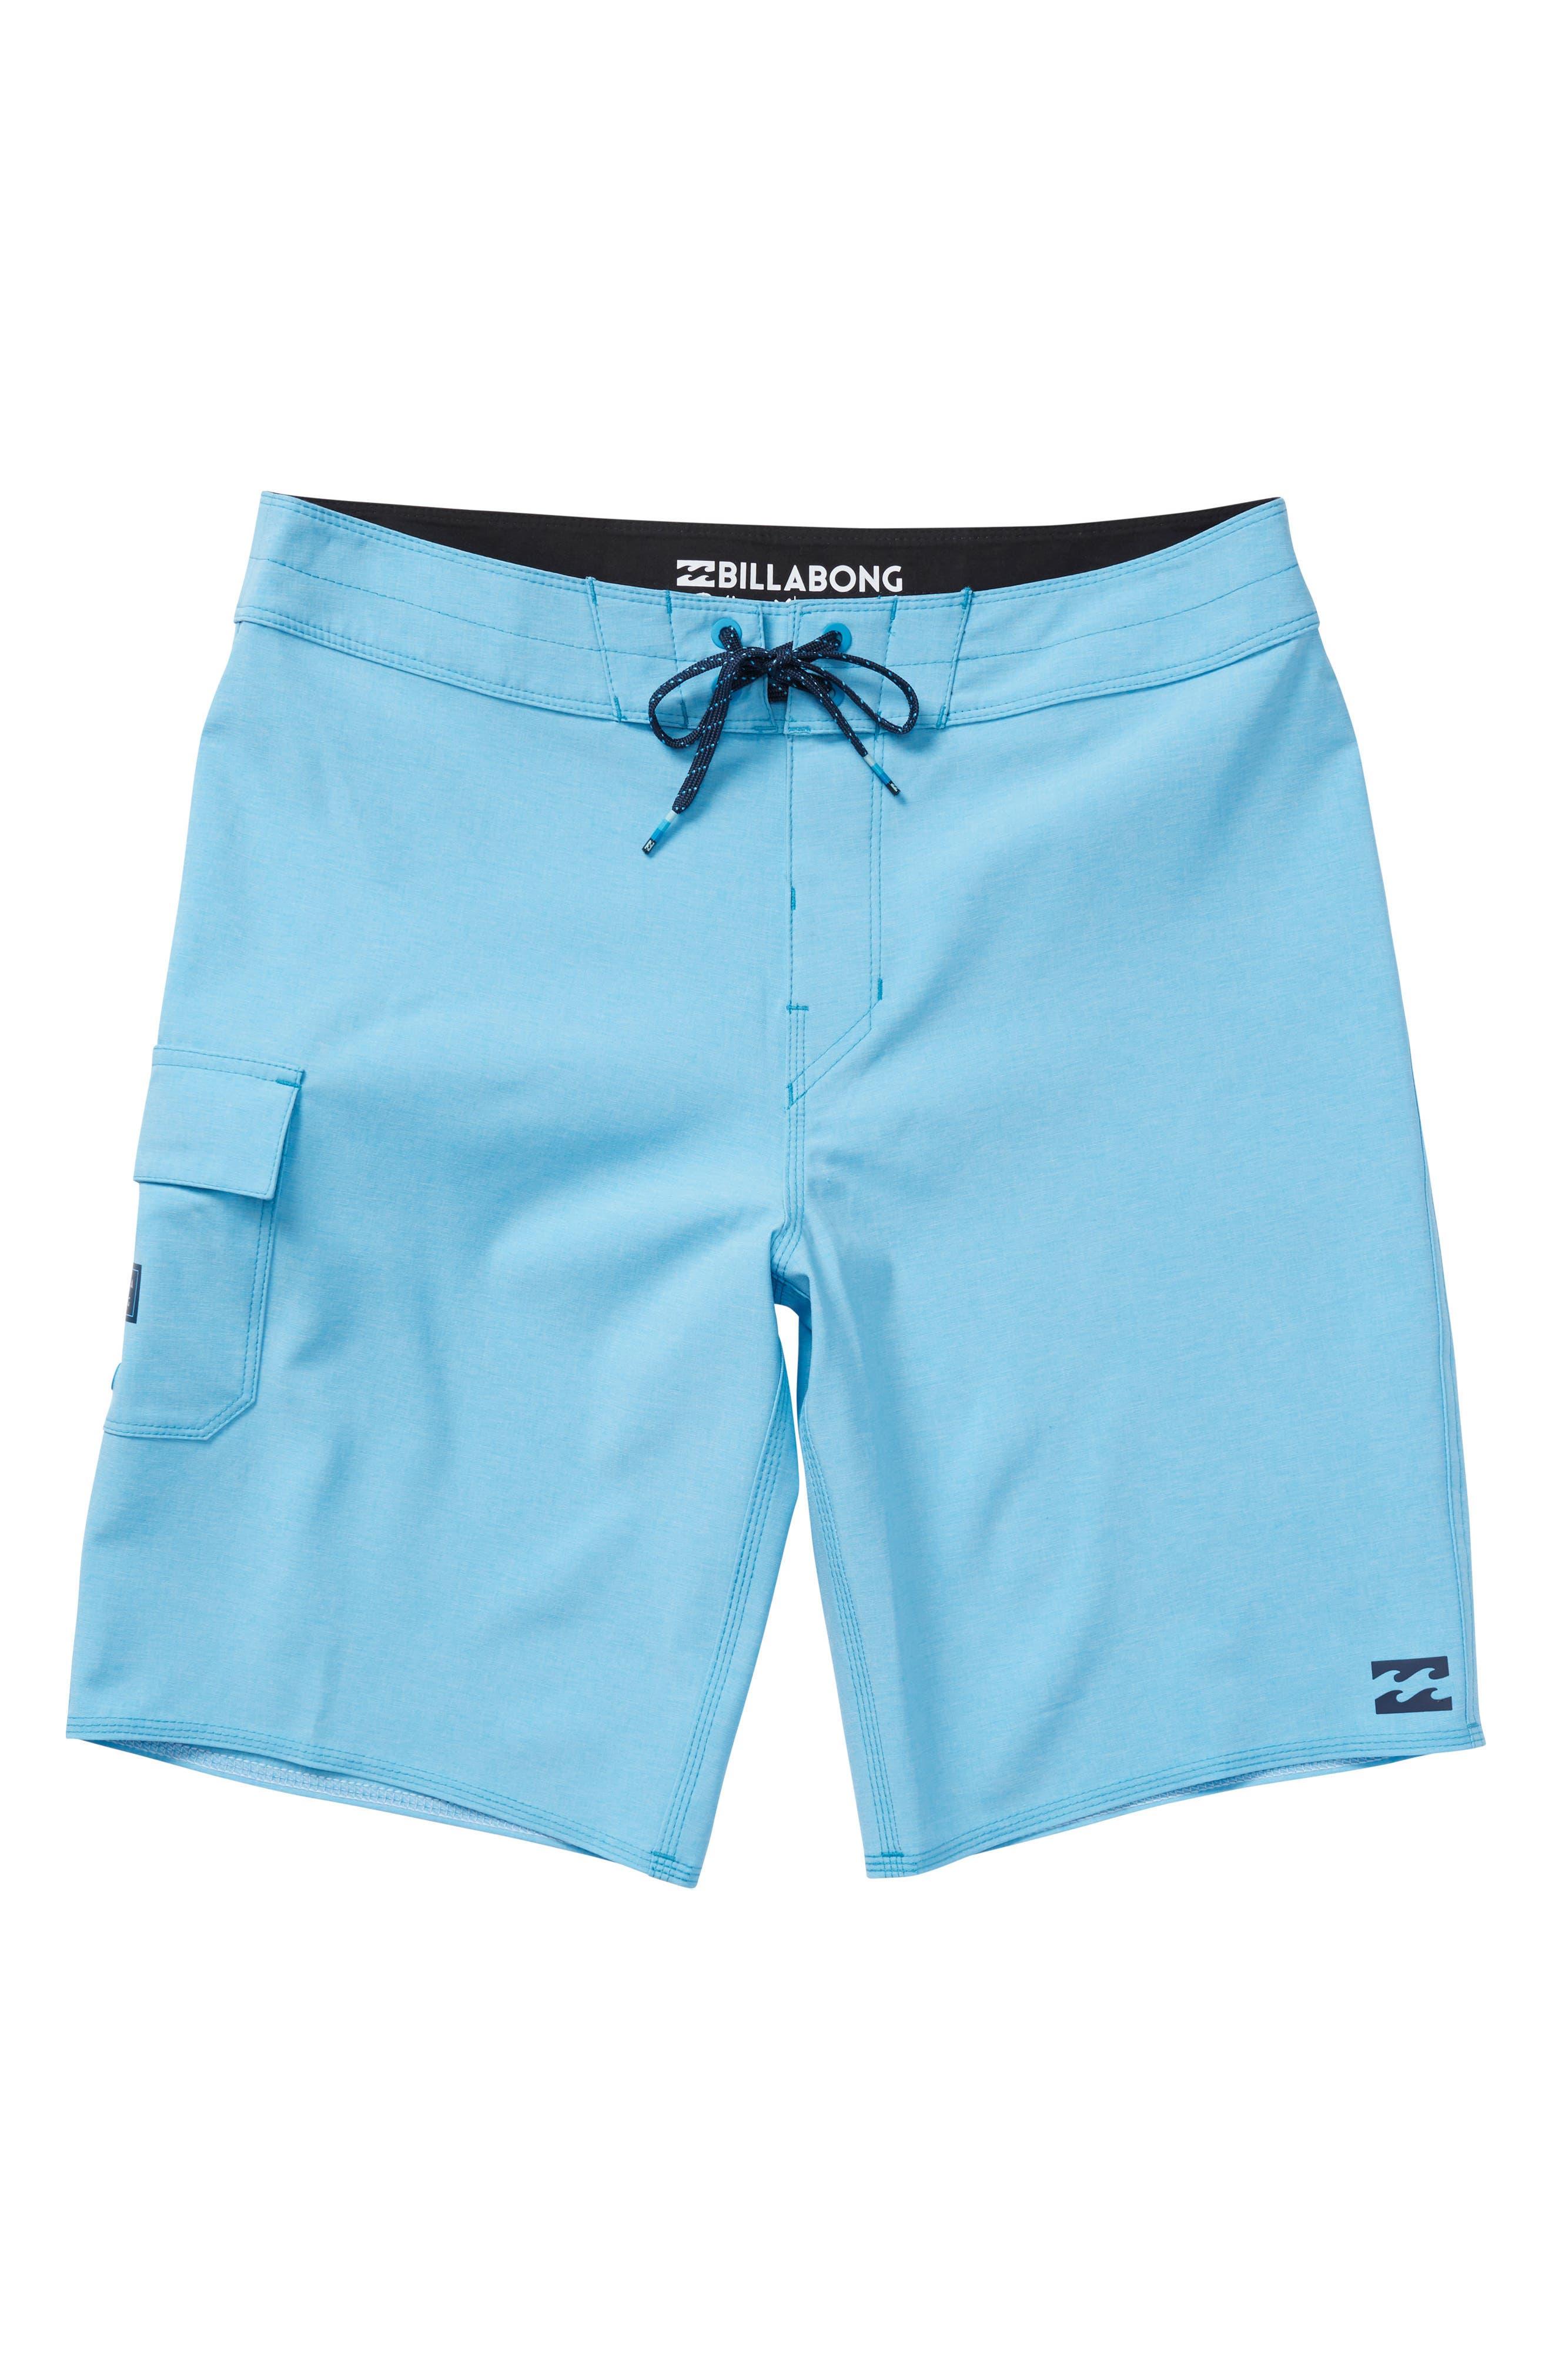 All Day X Board Shorts,                             Main thumbnail 4, color,